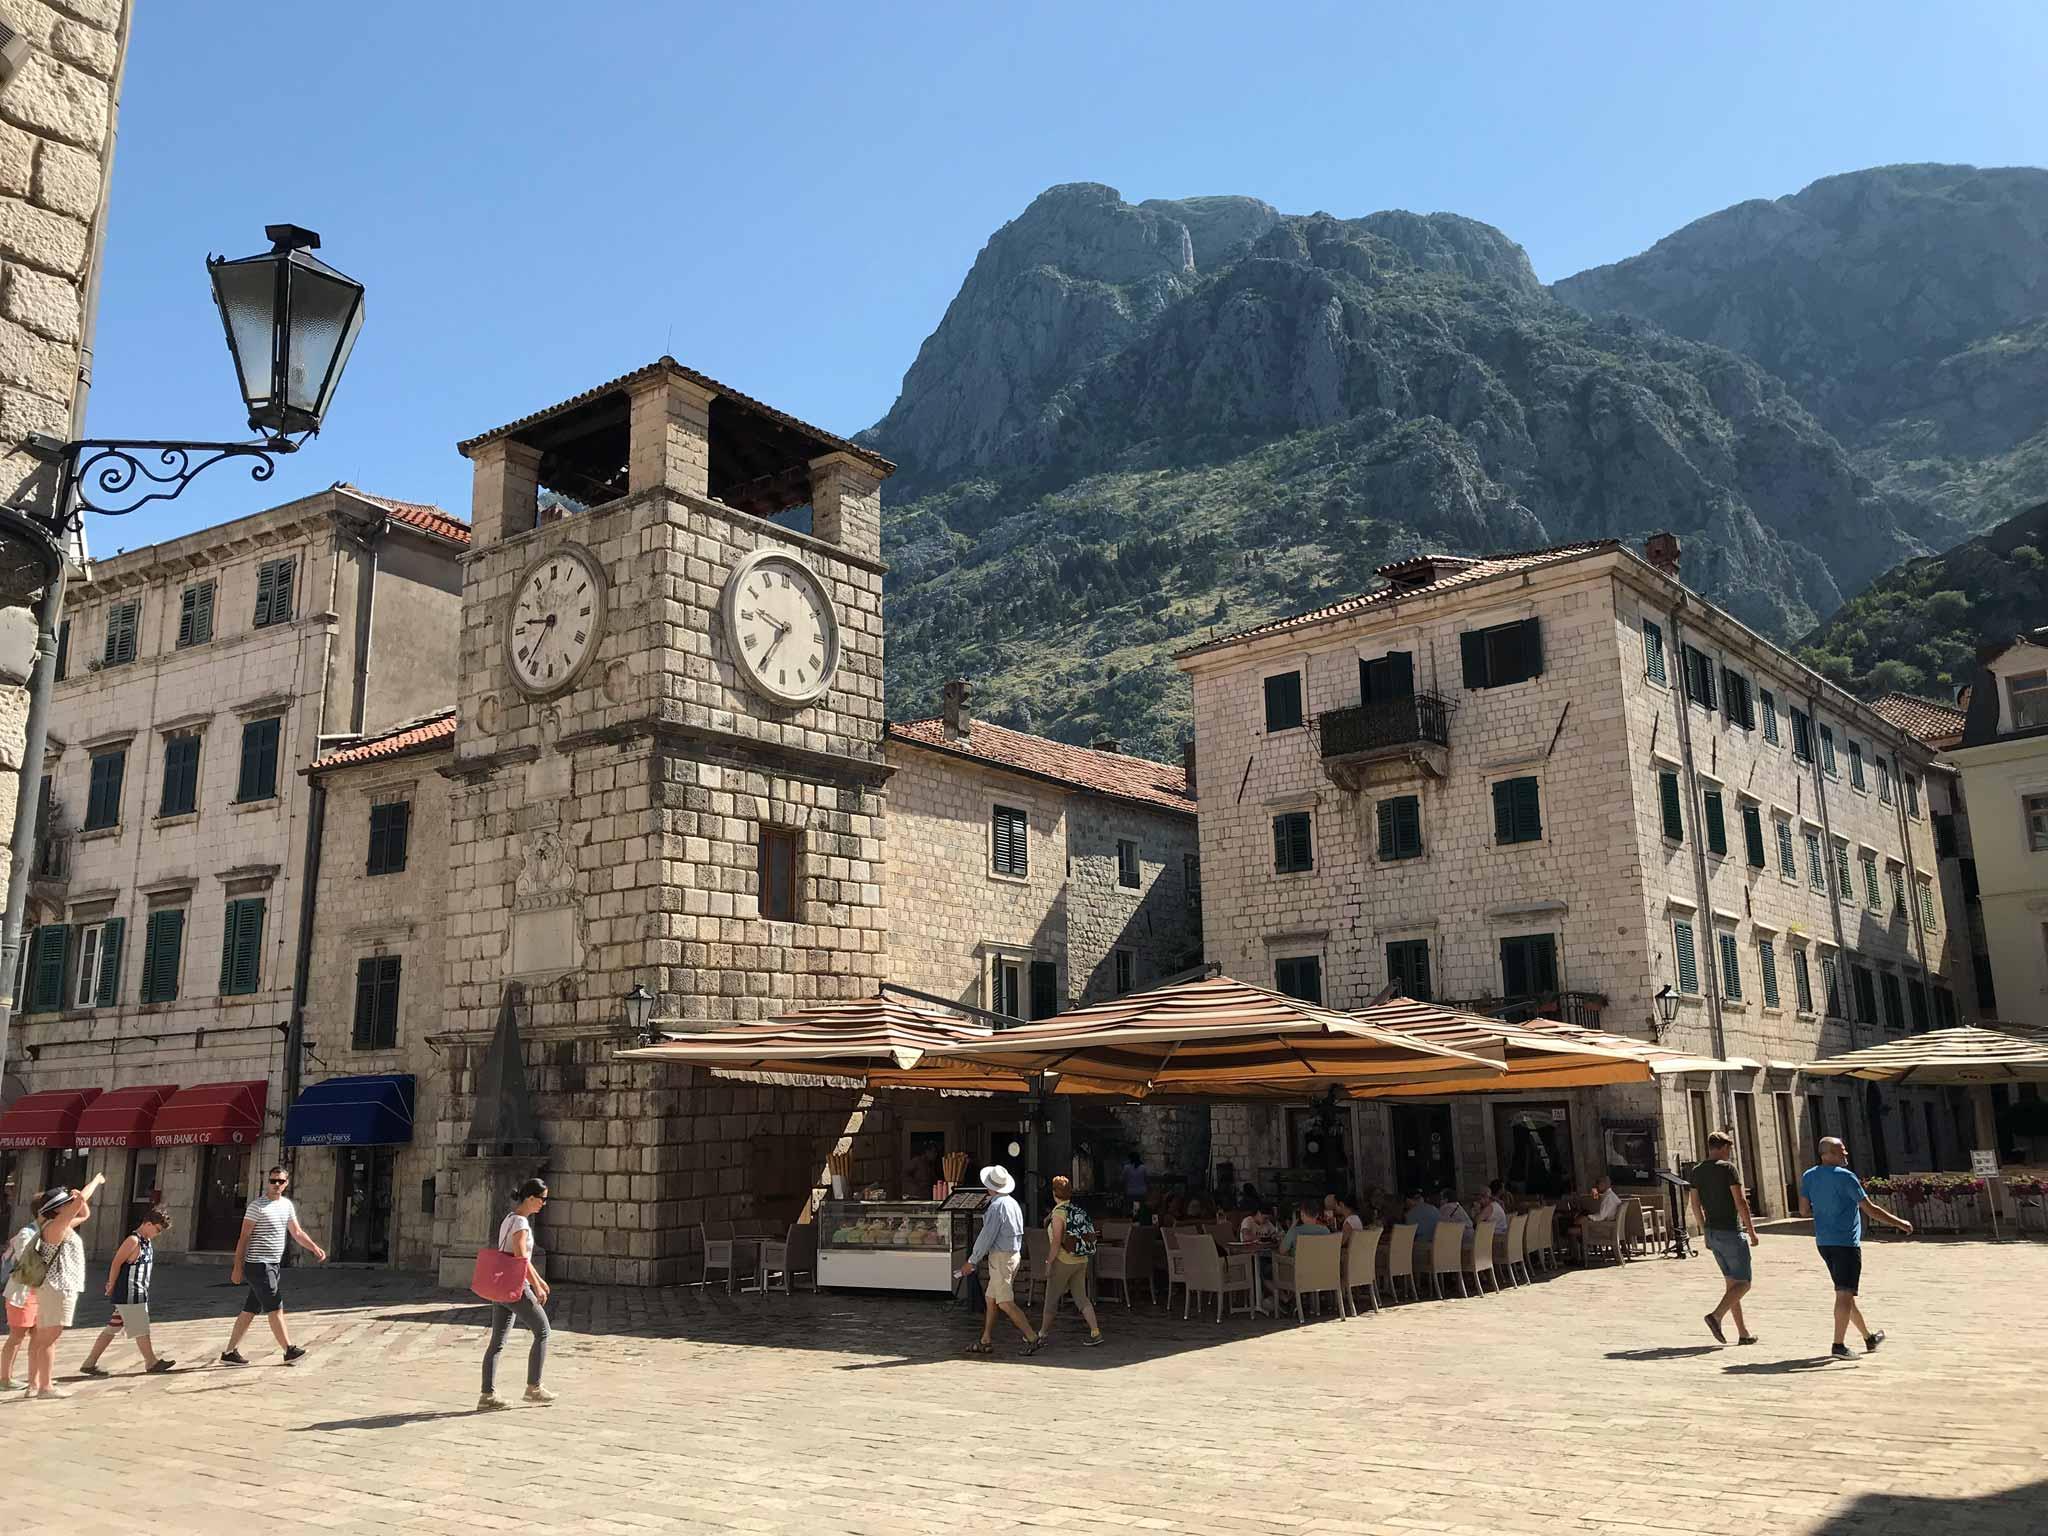 Cattaro-Montenegro-Piazza-dArmi-Torre-dellOrologio-sole-montagna-persone-lampione